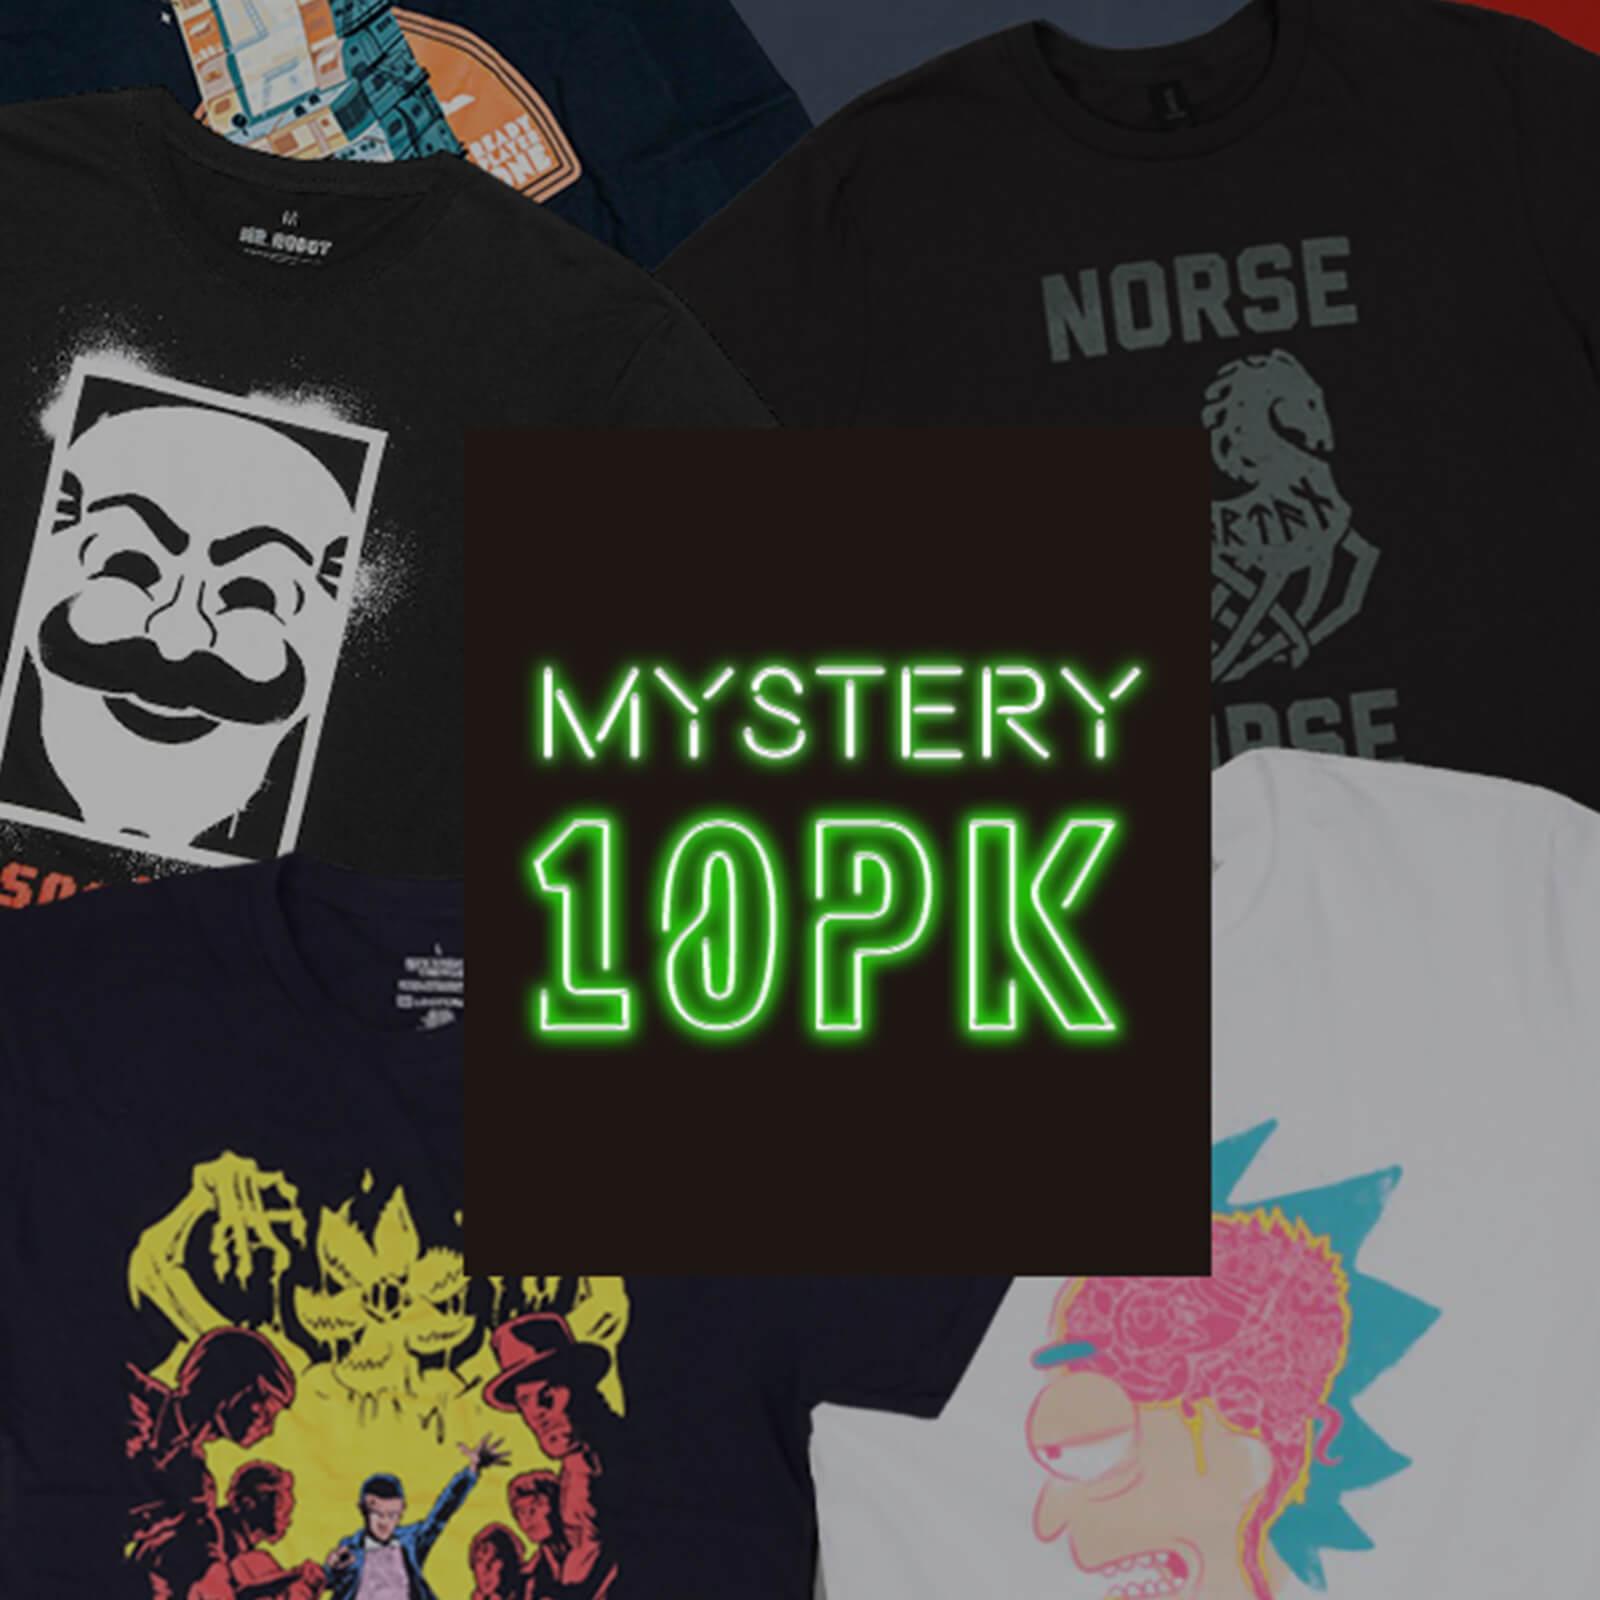 10 willekeurige Mystery Geeky T-Shirts + 2 Funko pop @ Zavvi